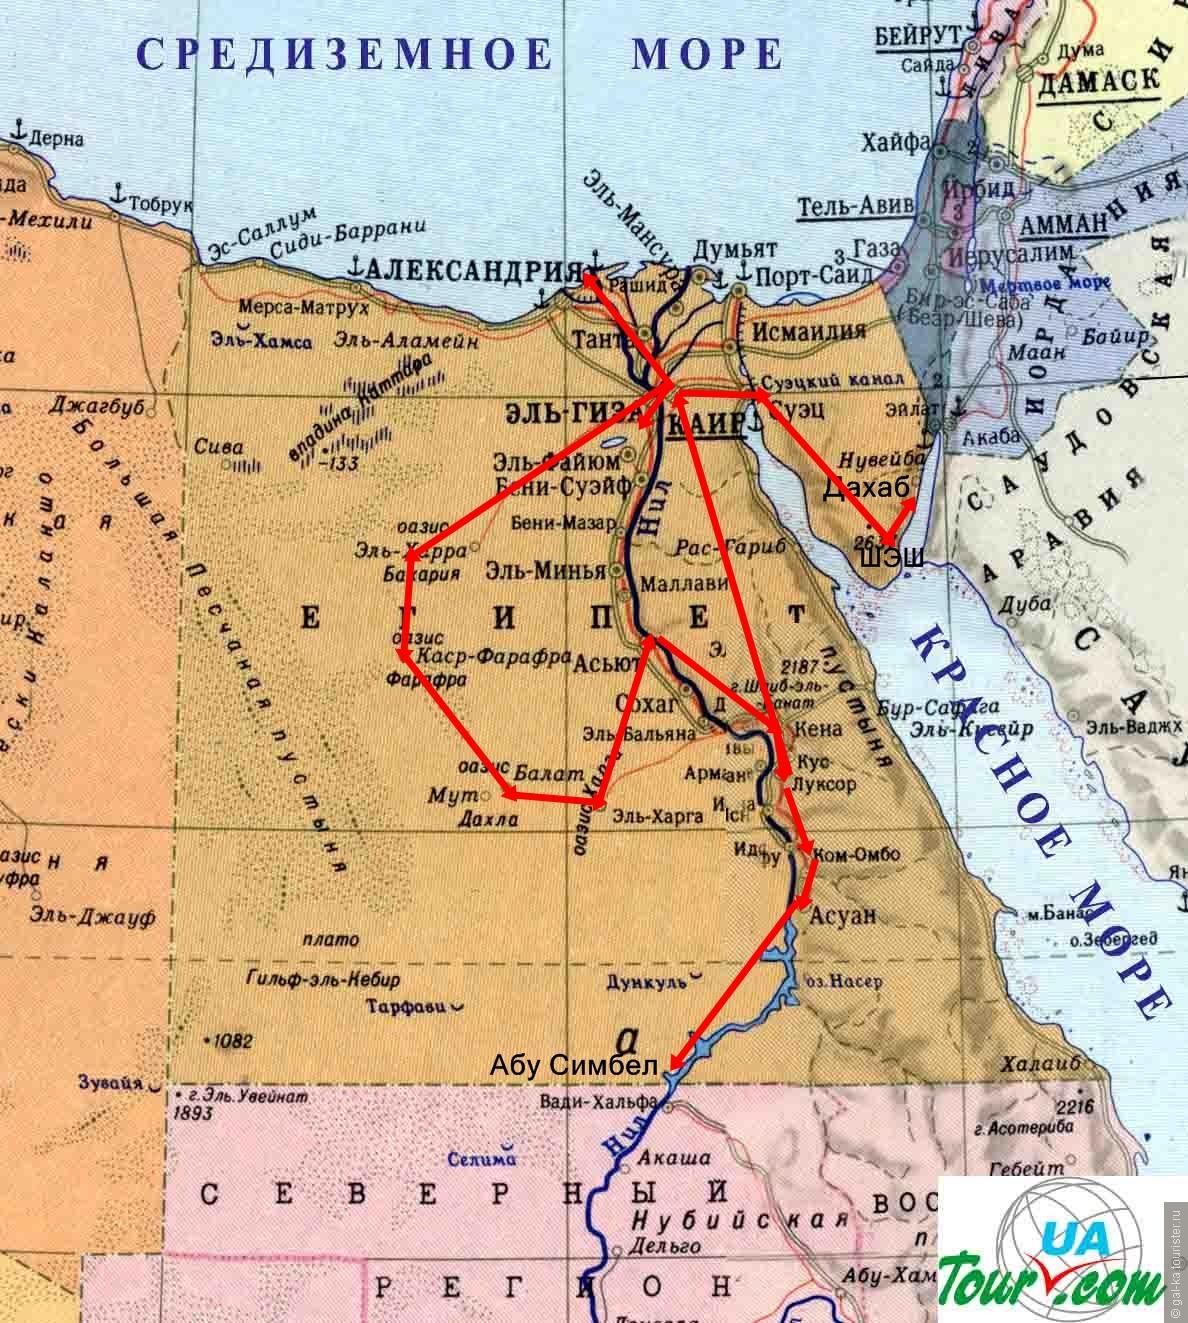 география египта картинки никто